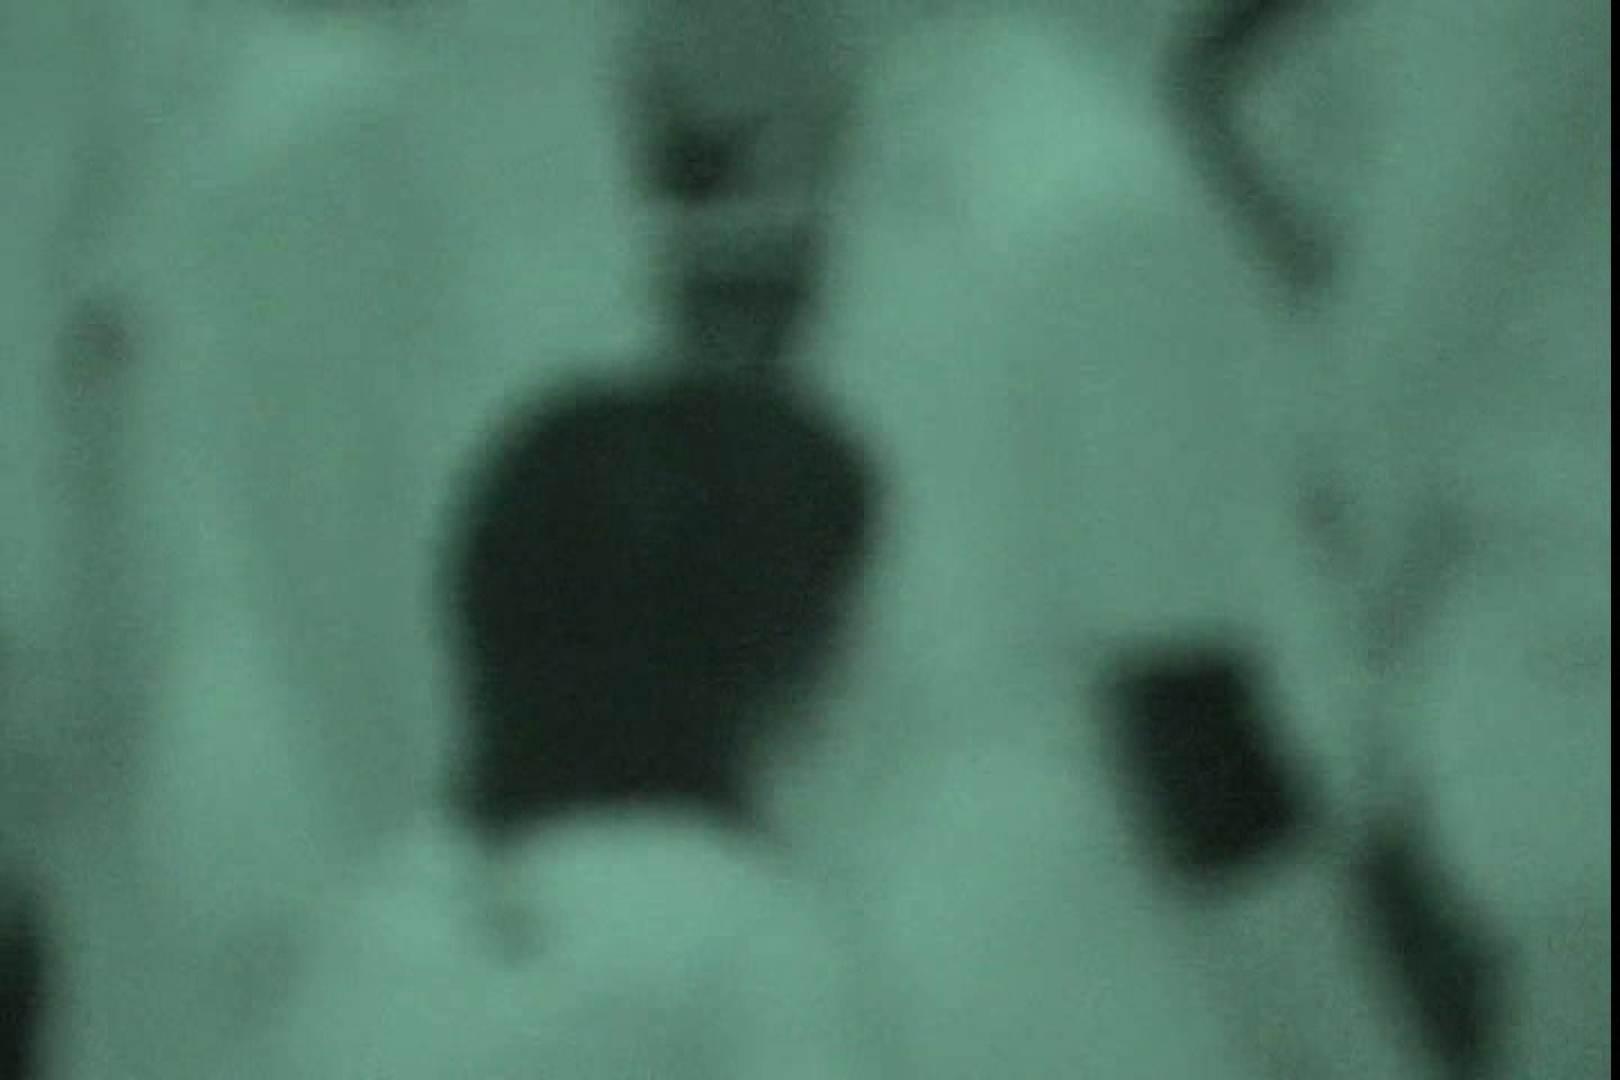 赤外線ムレスケバレー(汗) vol.14 OLのエロ生活 オマンコ動画キャプチャ 82連発 80